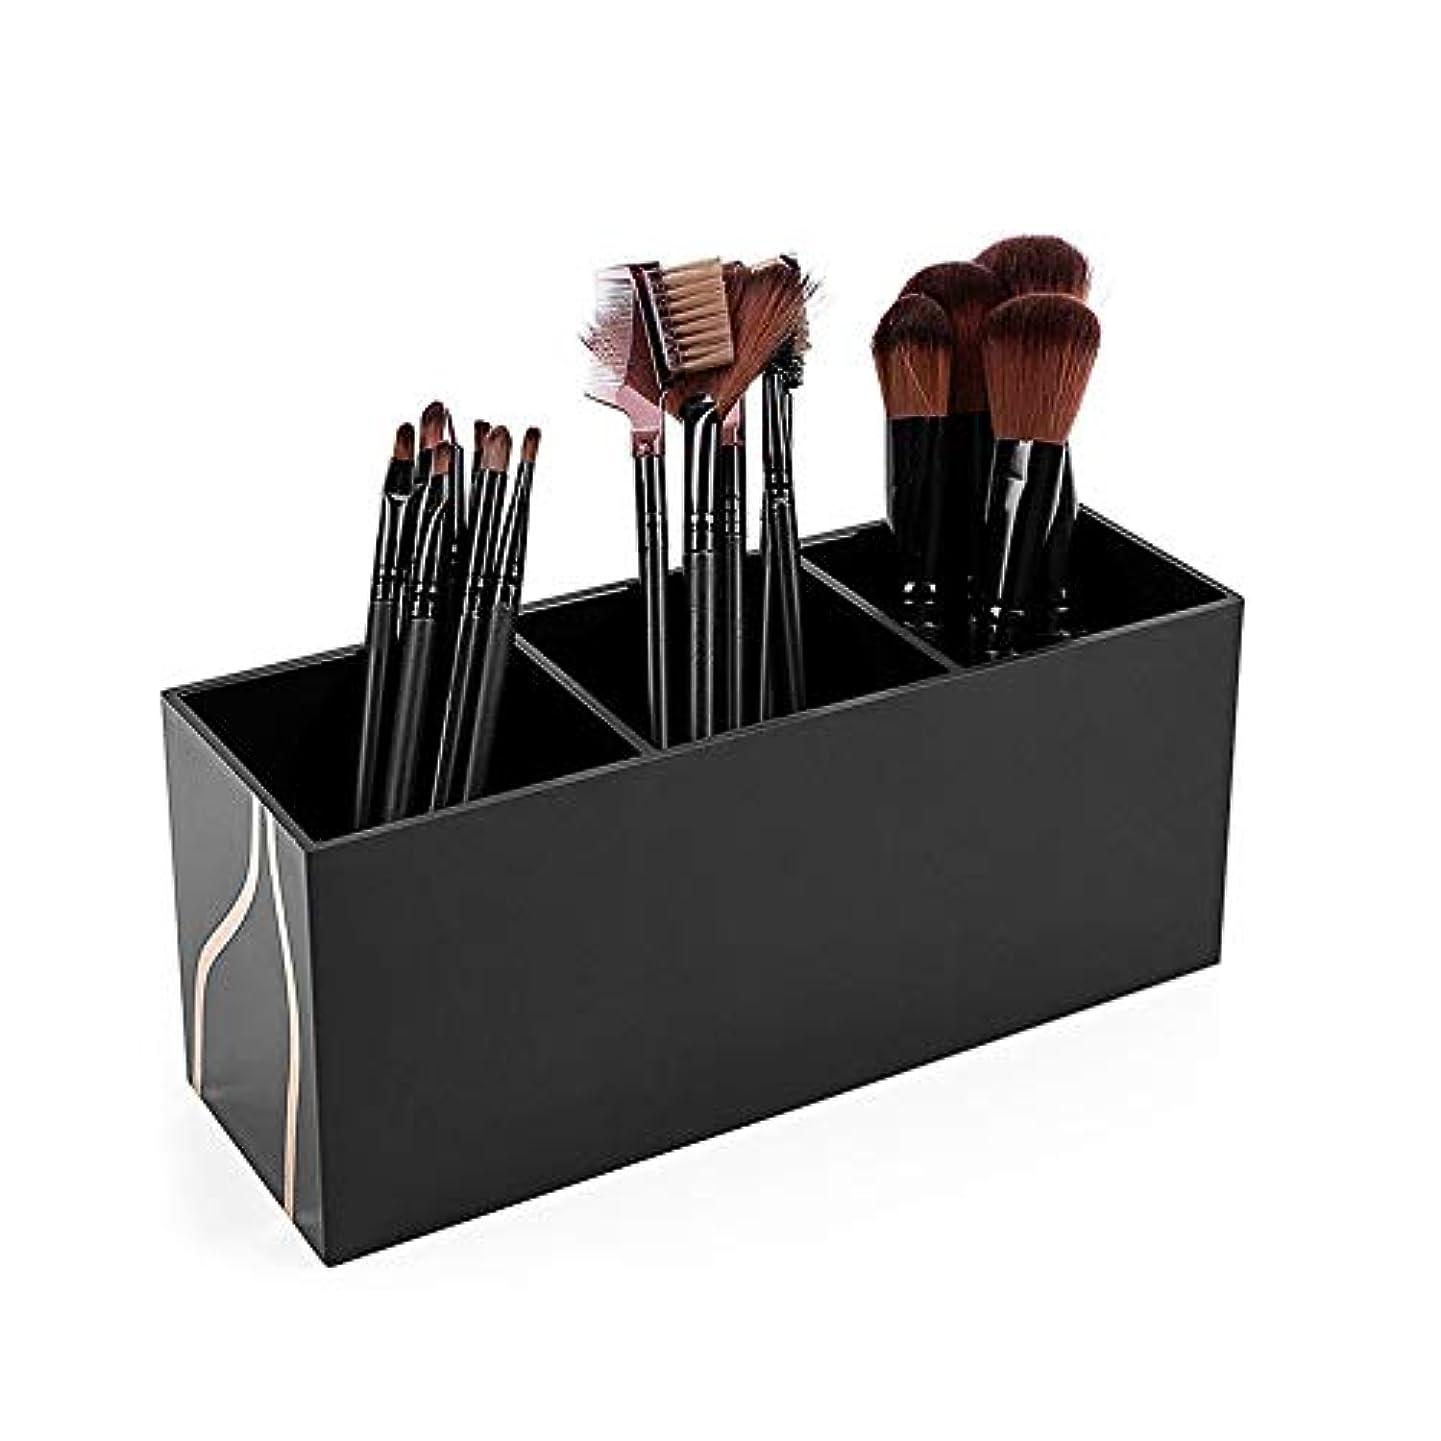 アスレチック人種工夫する整理簡単 シンプルなブラシホルダーアクリル化粧オーガナイザー化粧品収納ケーススタンド用メイクアップブラシ (Color : Black, Size : 20*8.7*7cm)